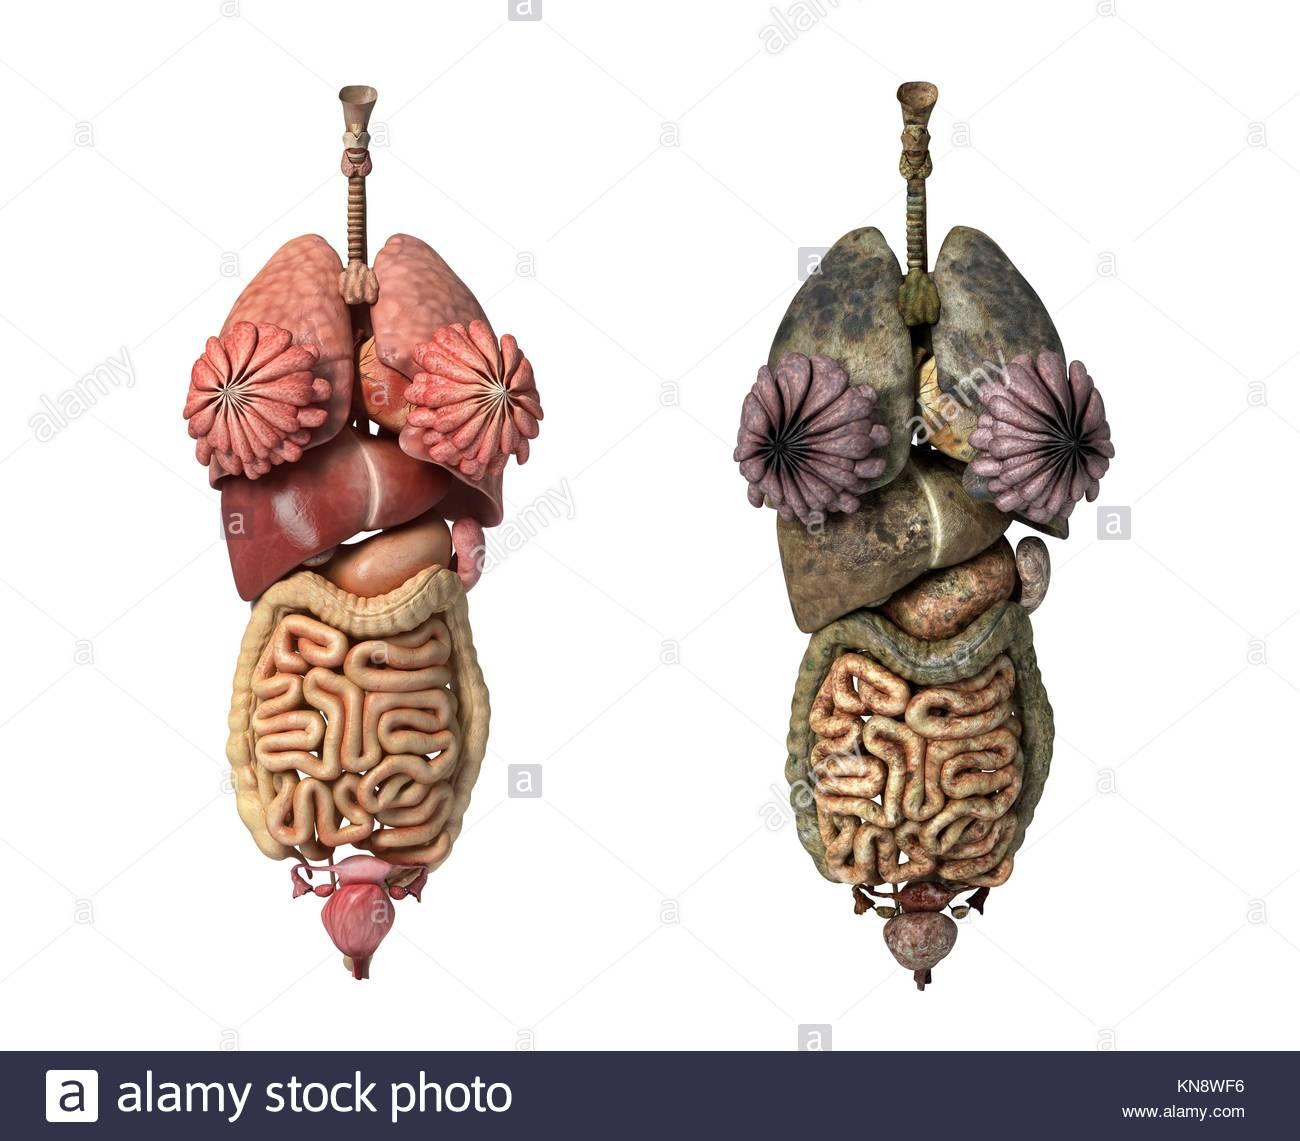 Großartig Weibliche Körperorgane Bilder Bilder - Menschliche ...